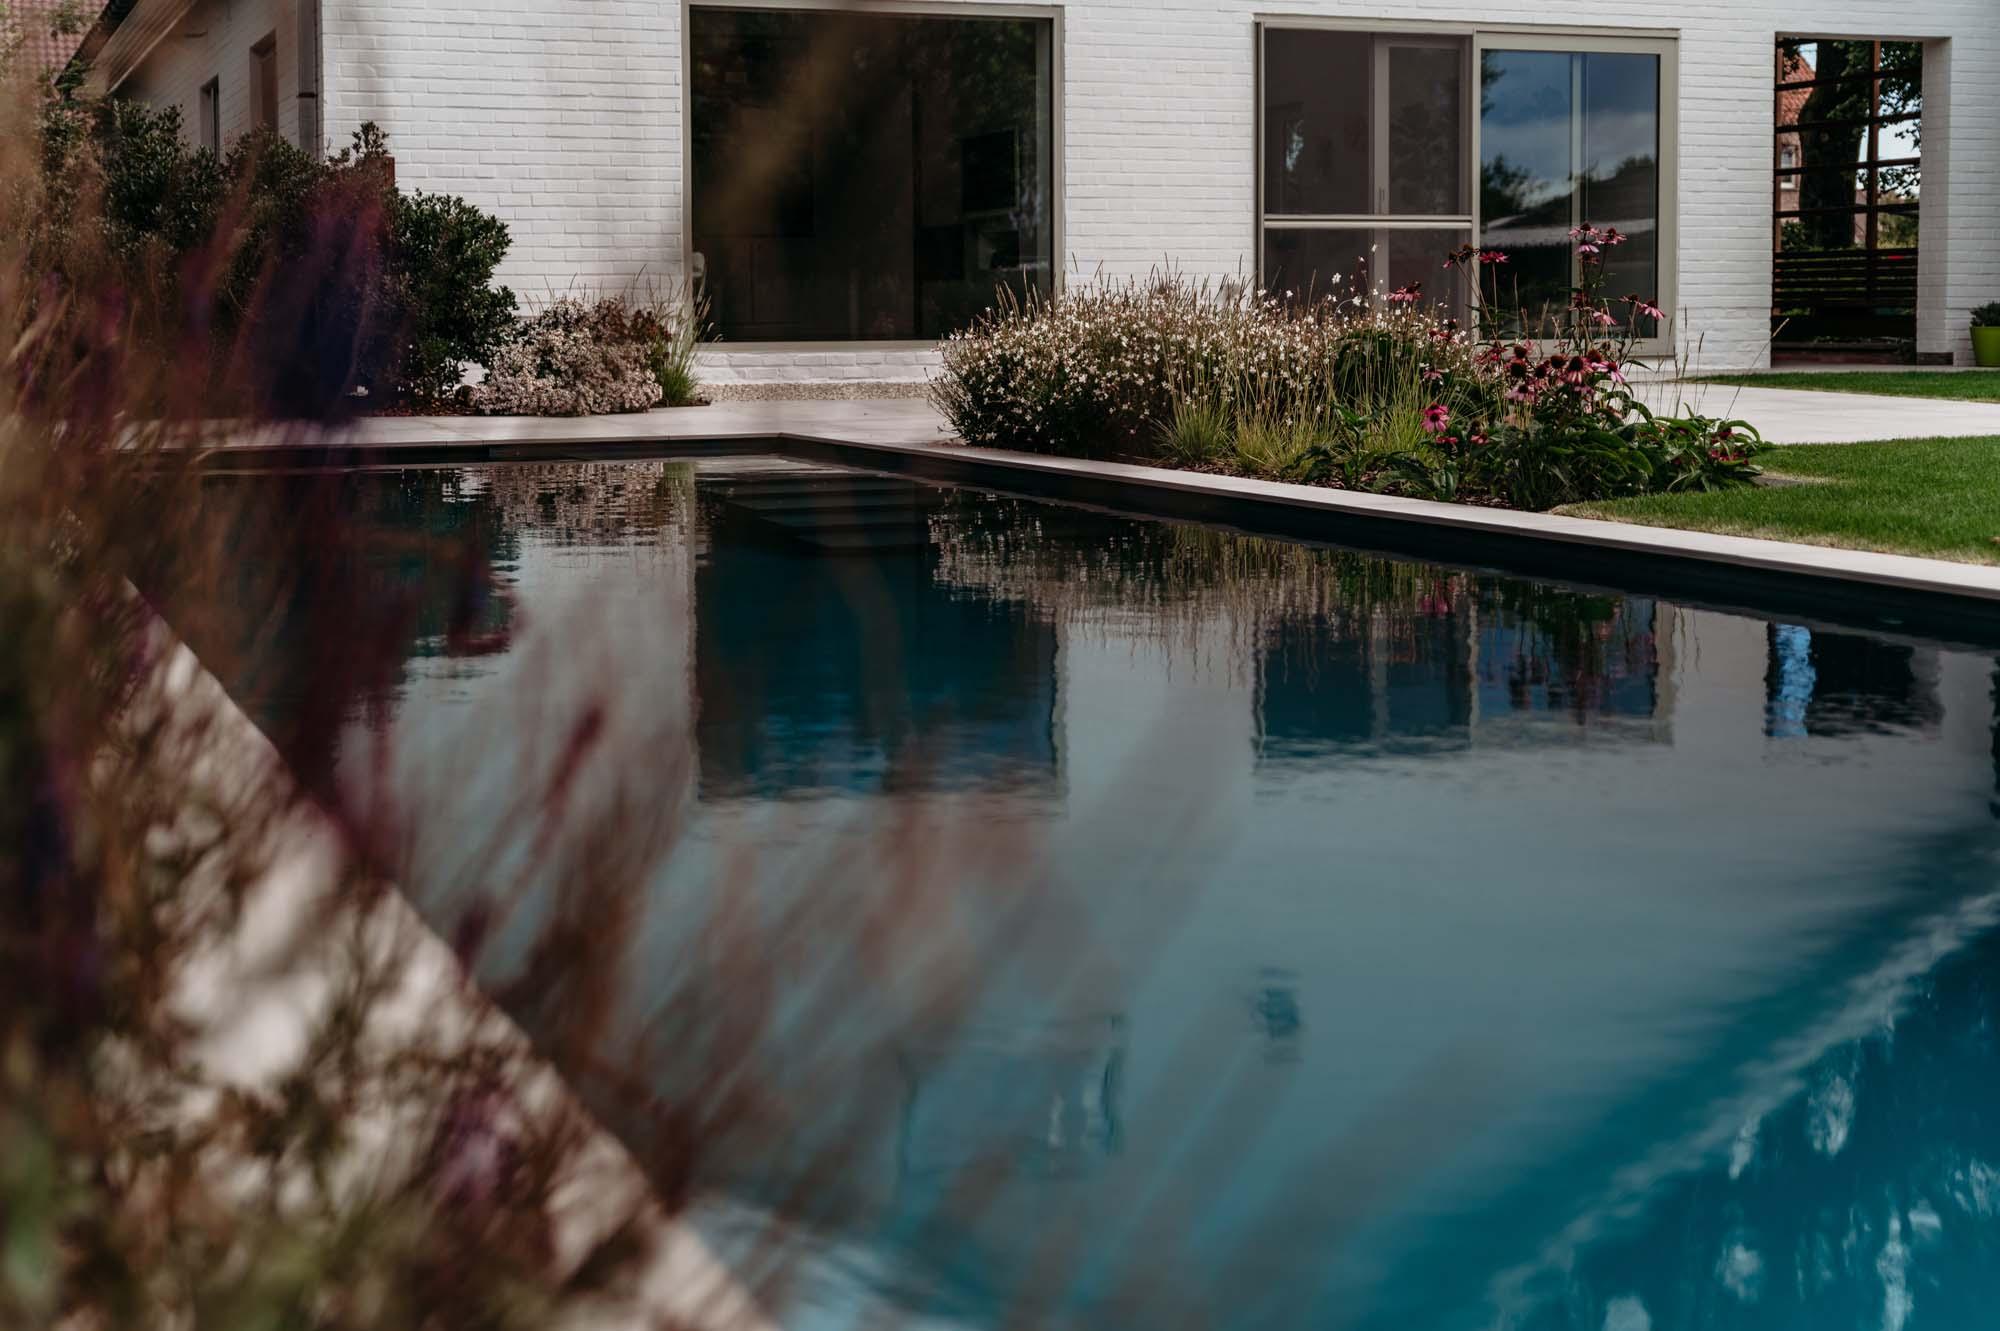 Zwemtuin